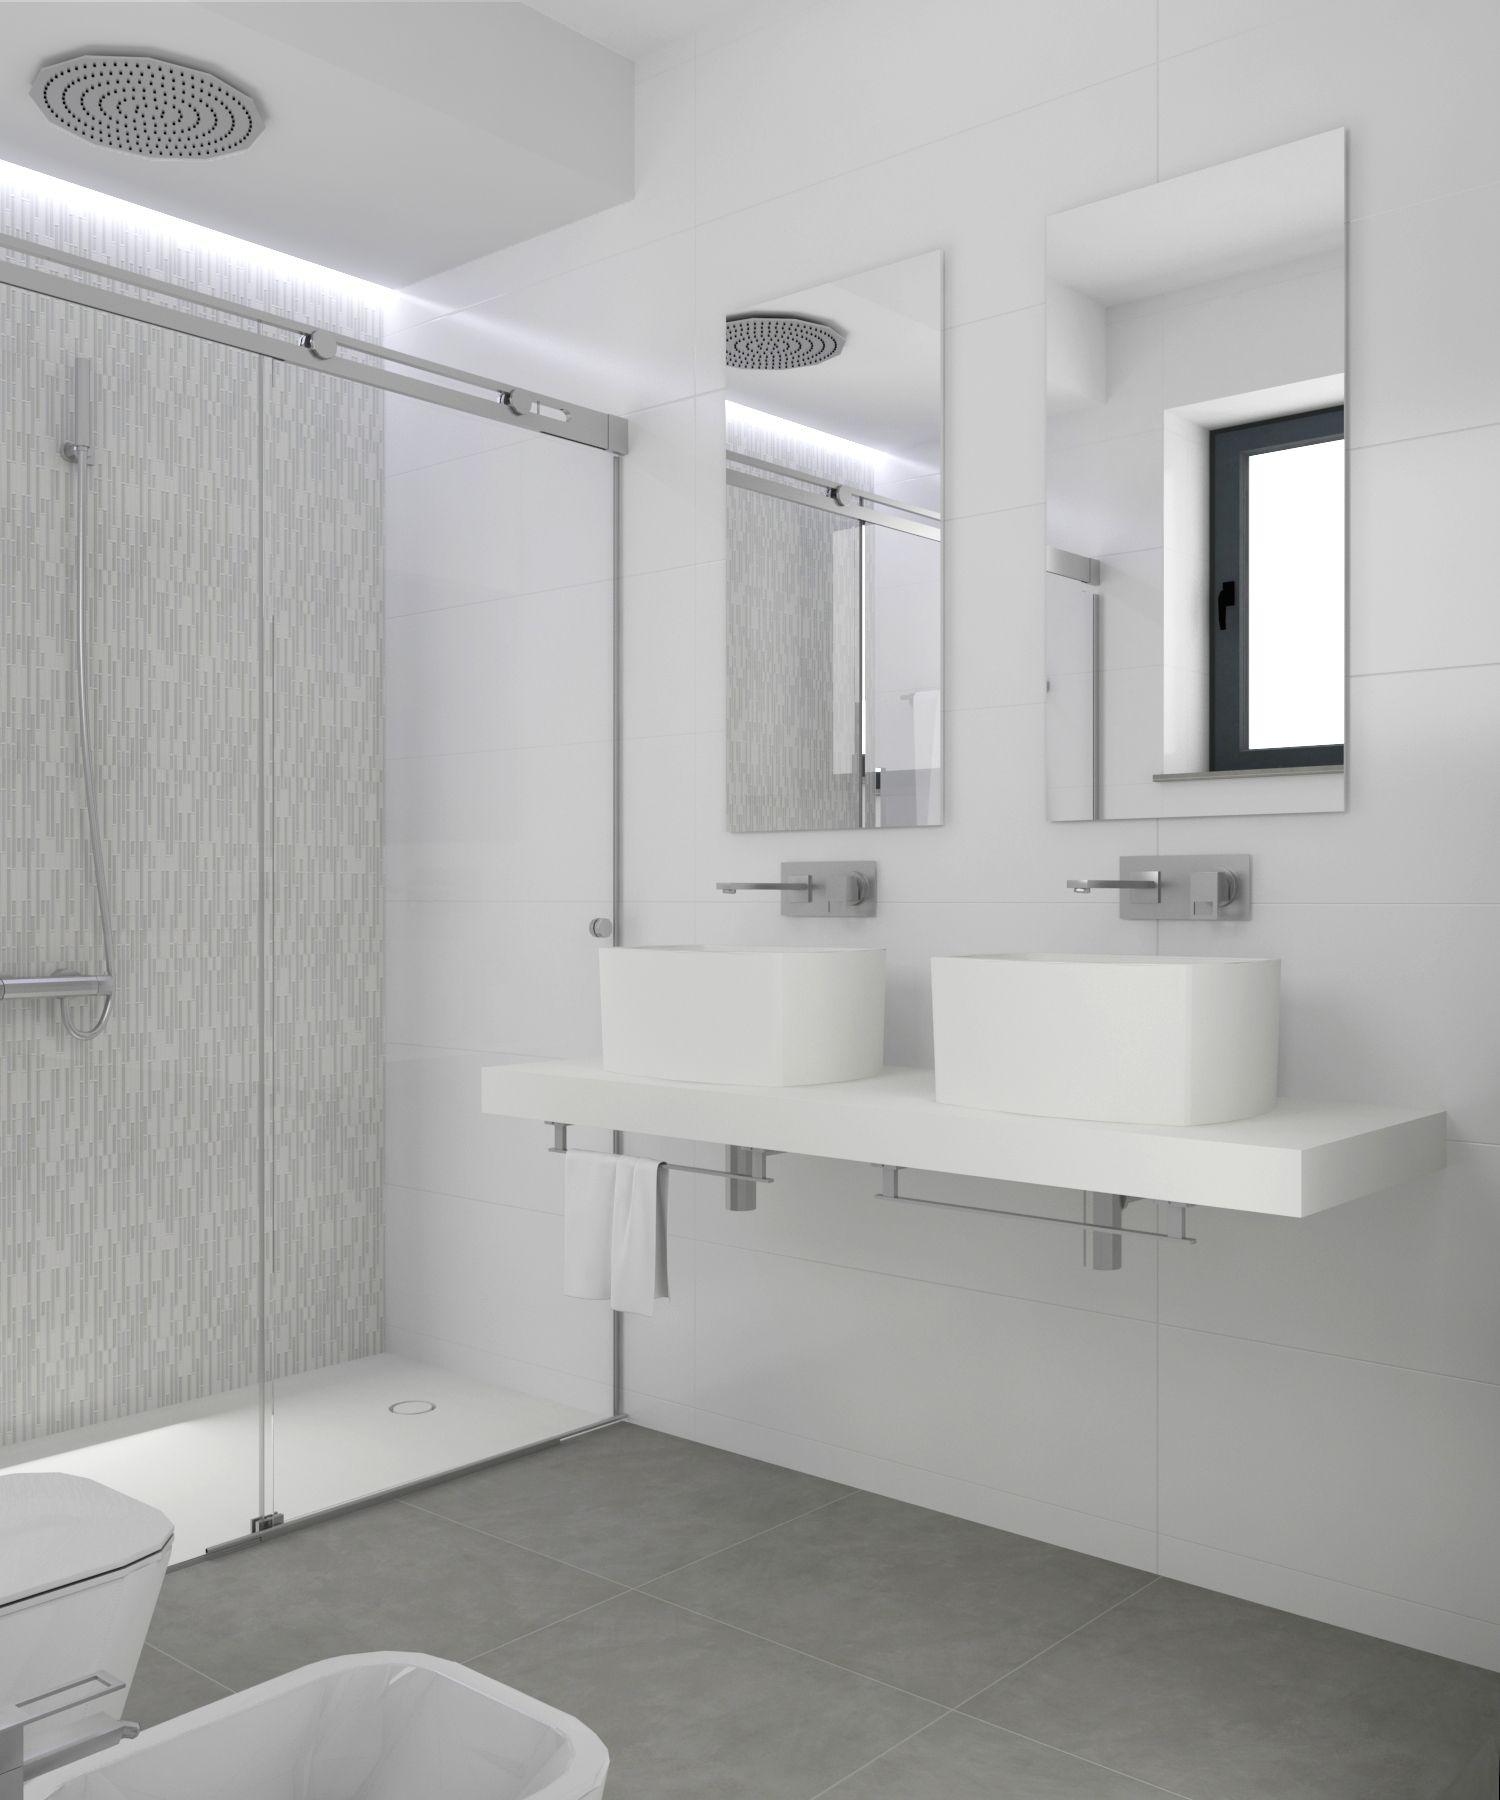 Baño diseñado por Fábrica de Arquitectura para una vivienda ...